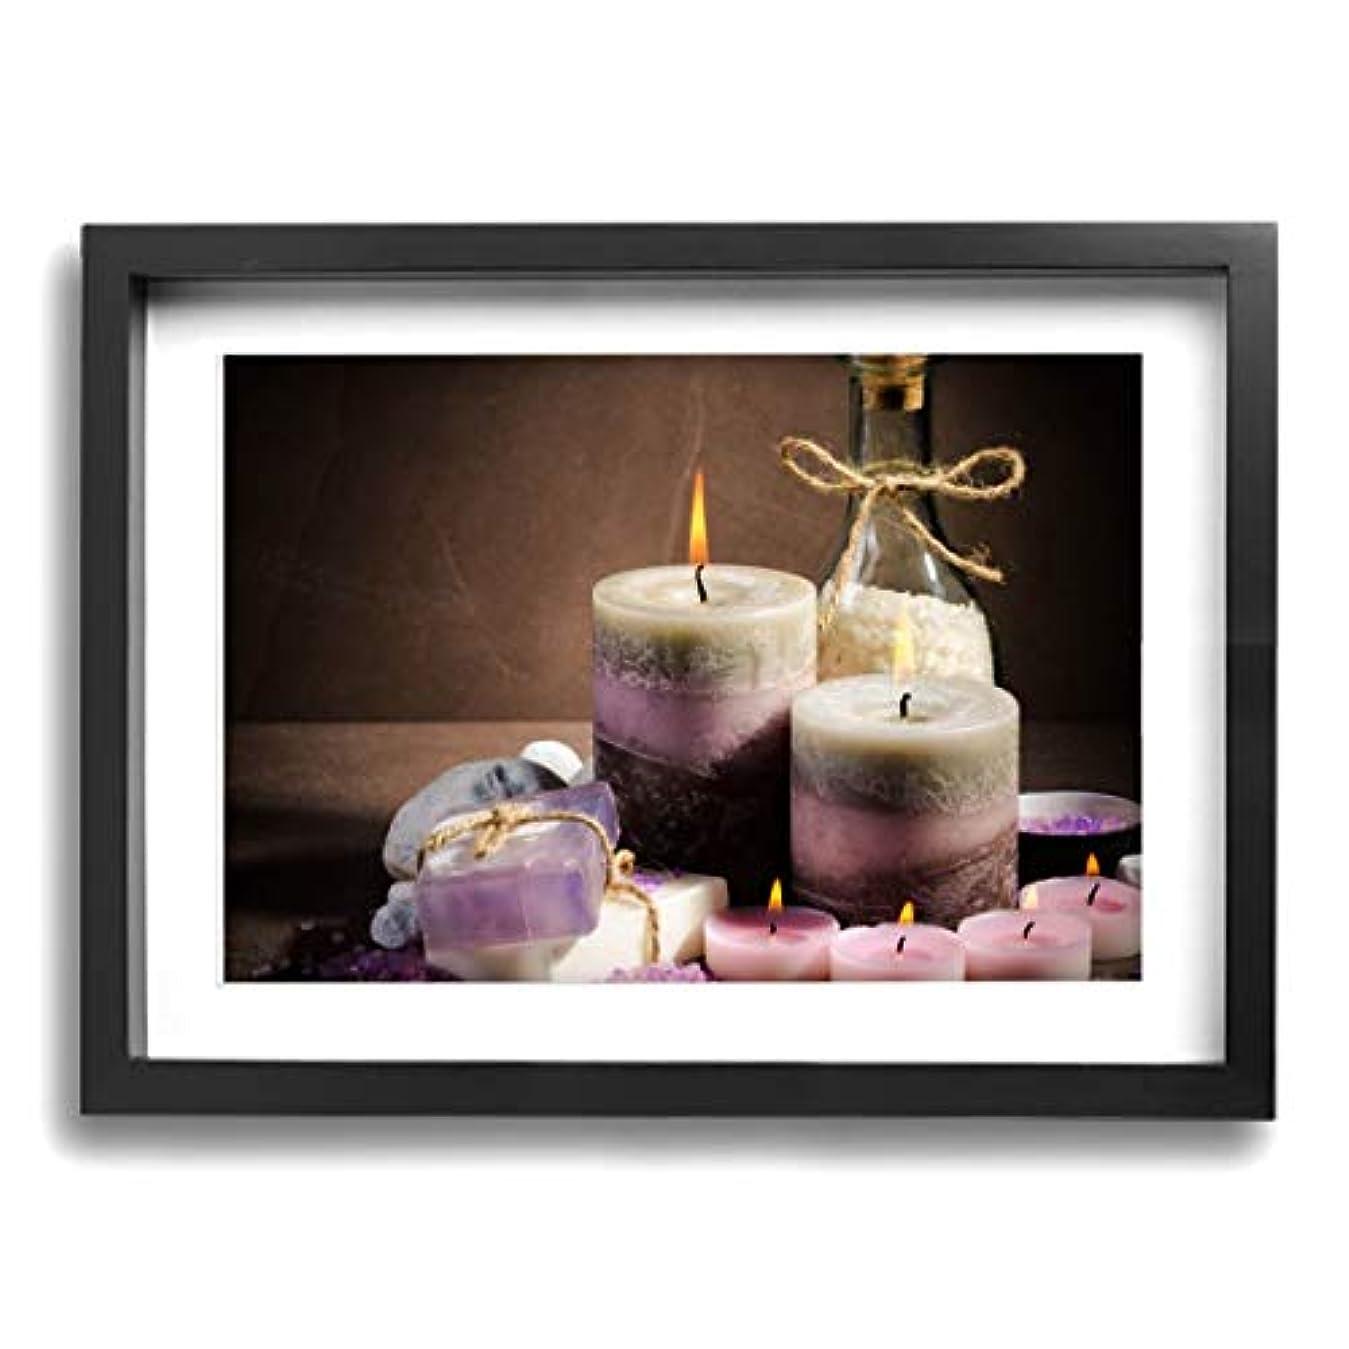 通常安いですトロピカル魅力的な芸術 30x40cm Spa Purple Color Candle Oil キャンバスの壁アート 画像プリント絵画リビングルームの壁の装飾と家の装飾のための現代アートワークハングする準備ができて